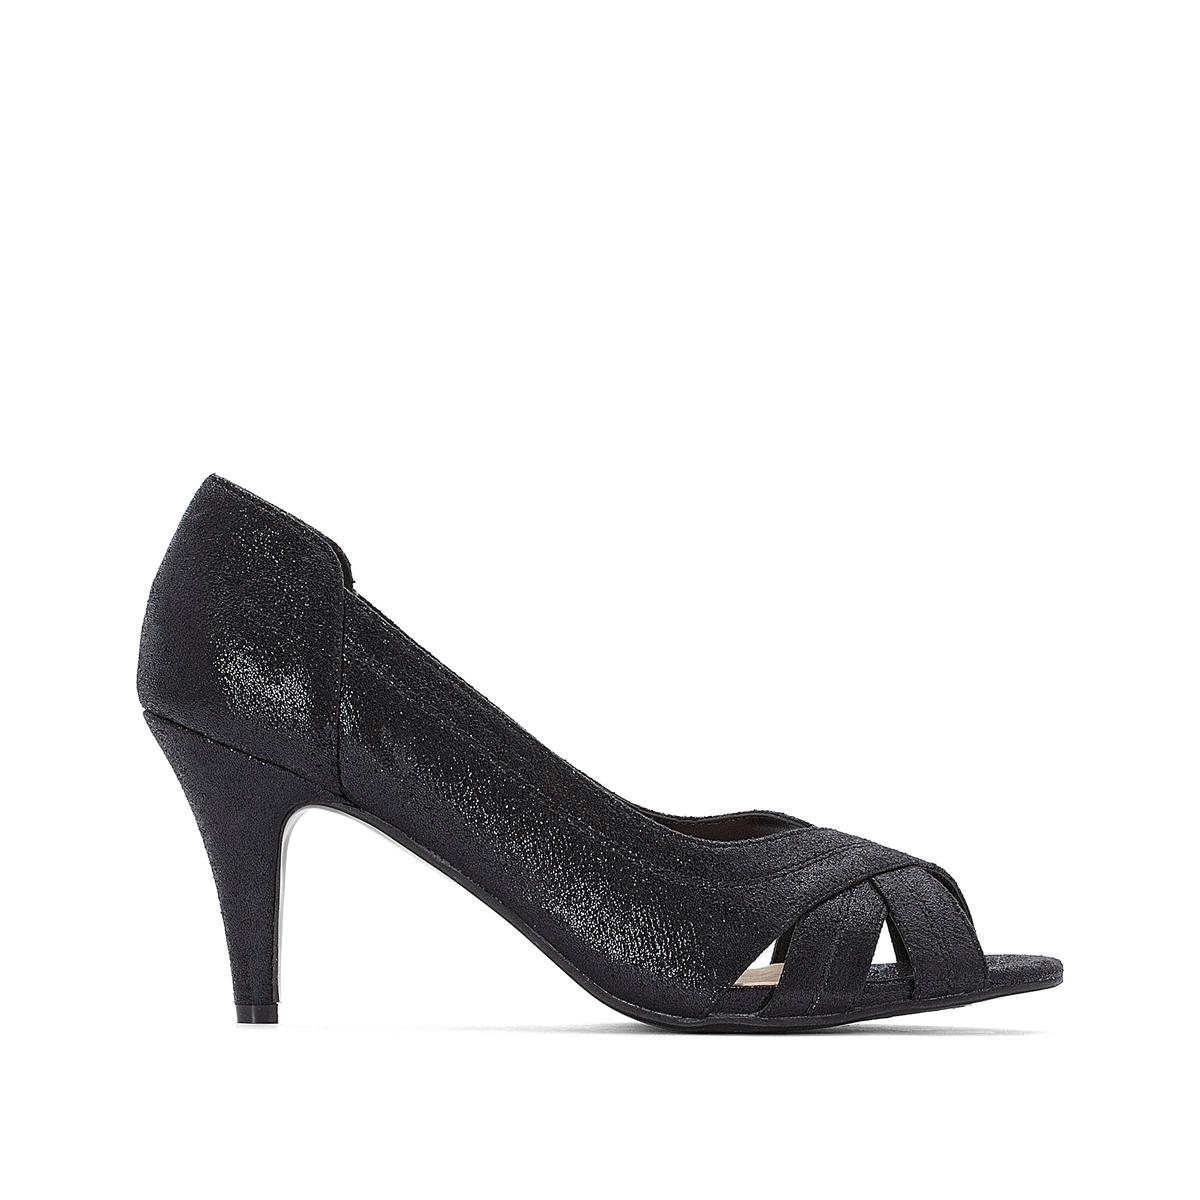 цена Туфли La Redoute С открытым мыском 41 черный онлайн в 2017 году